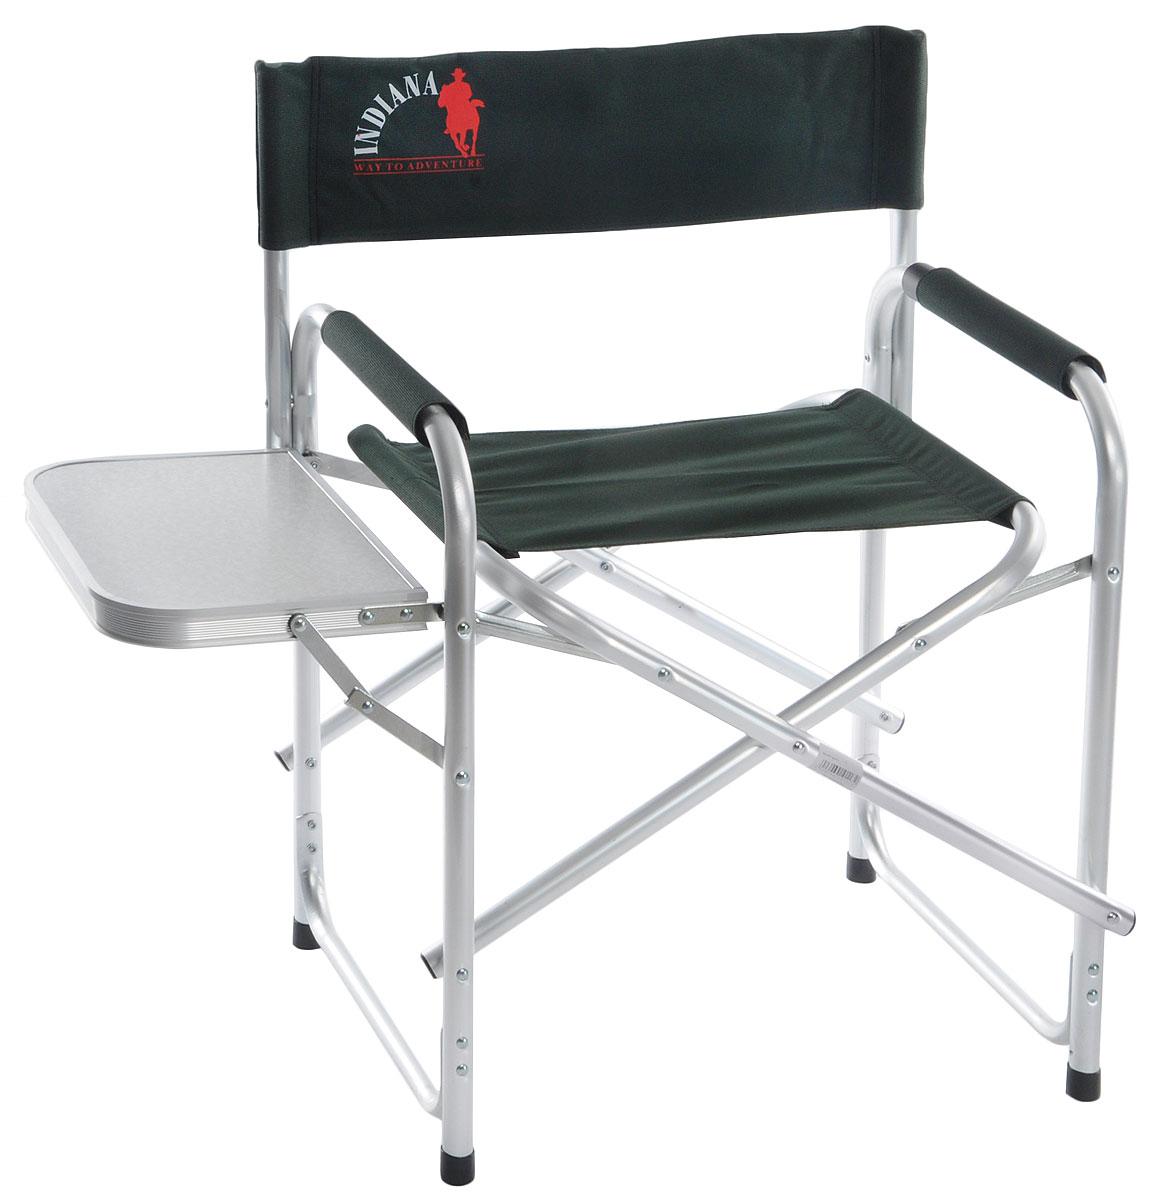 Кресло складное Indiana INDI-025T, с боковым столиком, 44 см х 62 см х 80 смперфорационные unisexСкладное кресло Indiana INDI-025T - идеальный вариант для дачников и рыболовов, прекрасно подходит для кемпинга, пикников и отдыха на природе. Каркас кресла выполнен из алюминиевой трубы. Тканевые элементы кресла изготовлены из стойкого к ультрафиолетовому излучению материала - плотного полиэстера 600D. Мягкие профилированные подлокотники оснащены защитным чехлом. Сбоку имеется откидной столик. Конструкция ножек с поперечной трубой придает дополнительную устойчивость креслу, препятствует его проваливанию в песок или рыхлую землю. Кресло легко складывается и раскладывается. В сложенном состоянии занимает минимум места, что очень удобно при хранении и транспортировке. Максимальная нагрузка: 120 кг. Размер кресла (в разобранном виде): 44 см х 62 см х 80 см. Размер кресла (в собранном виде): 46 см х 79 см х 10 см. Размер откидного столика: 37 см х 25 см.